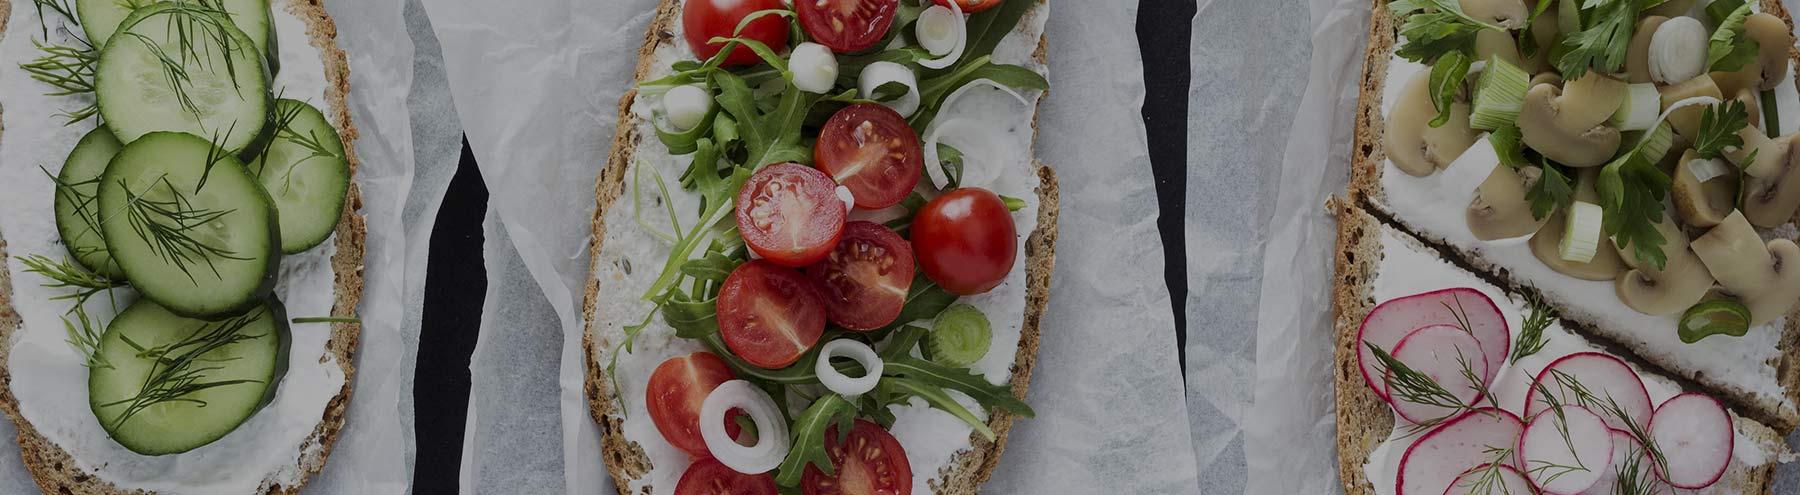 5 כריכים בריאים שיגוונו את ארוחת 10